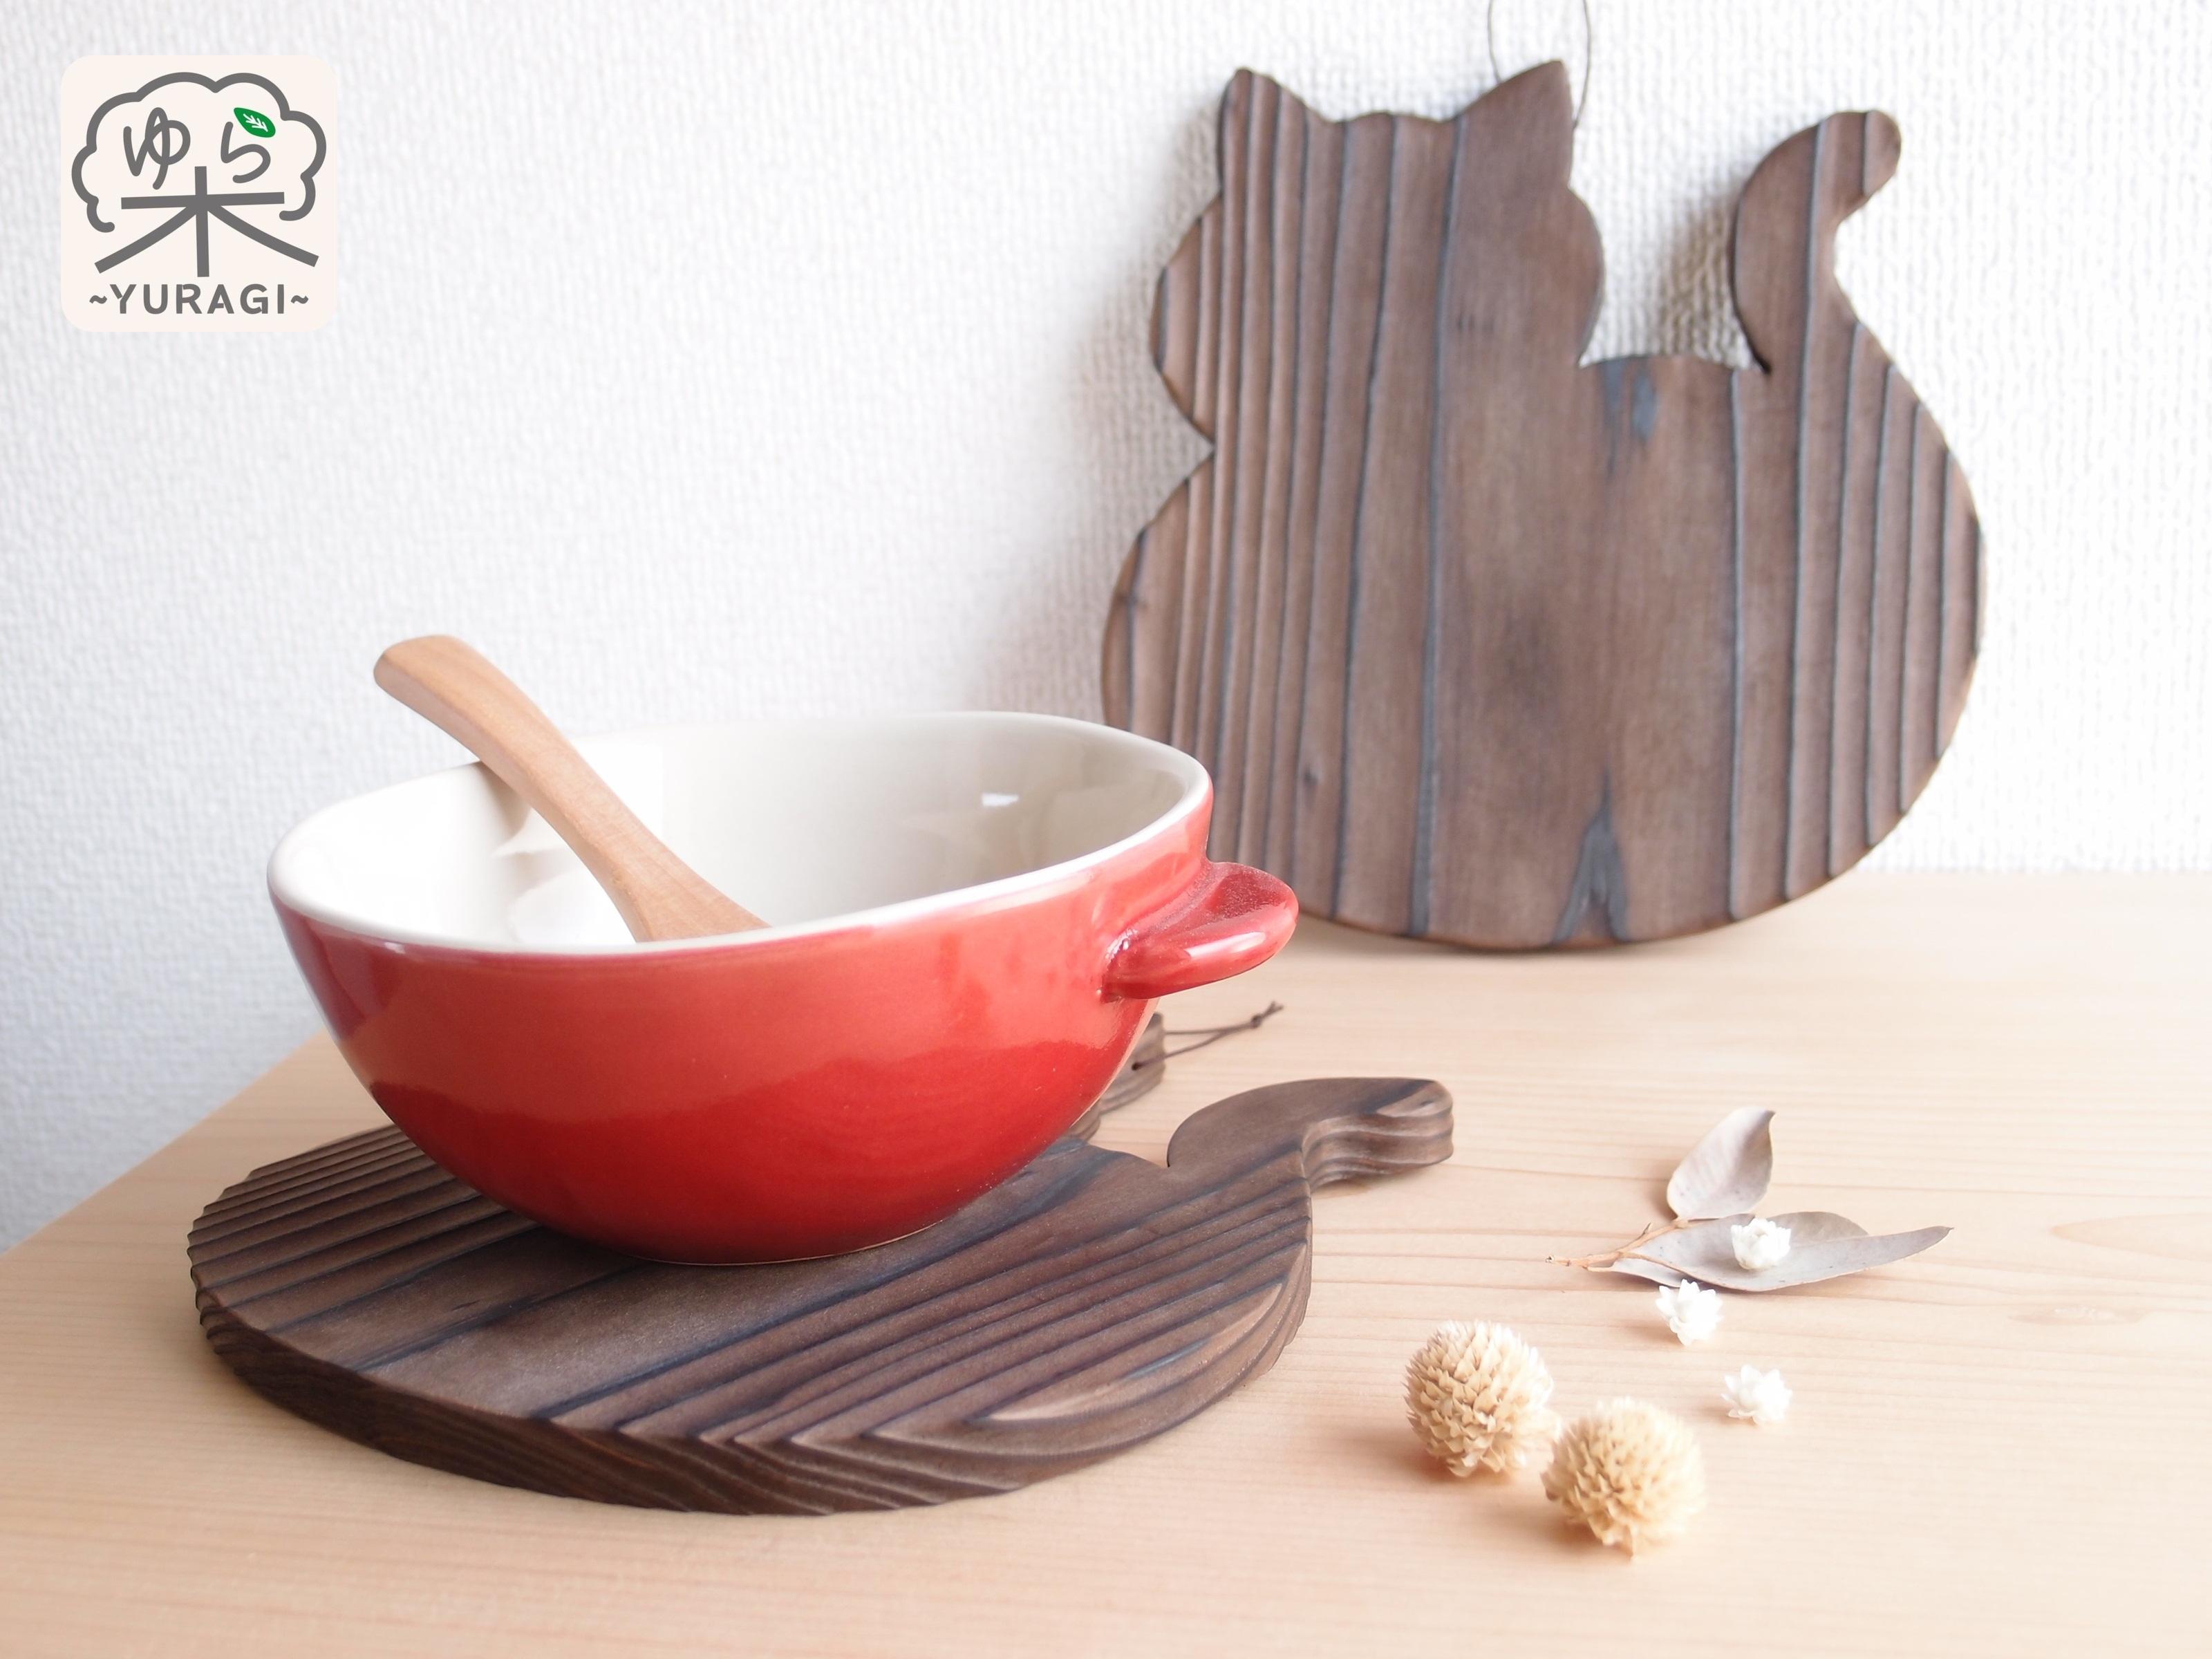 【テーブルの愛猫】まんまるネコ鍋敷き Lサイズ【智頭杉】